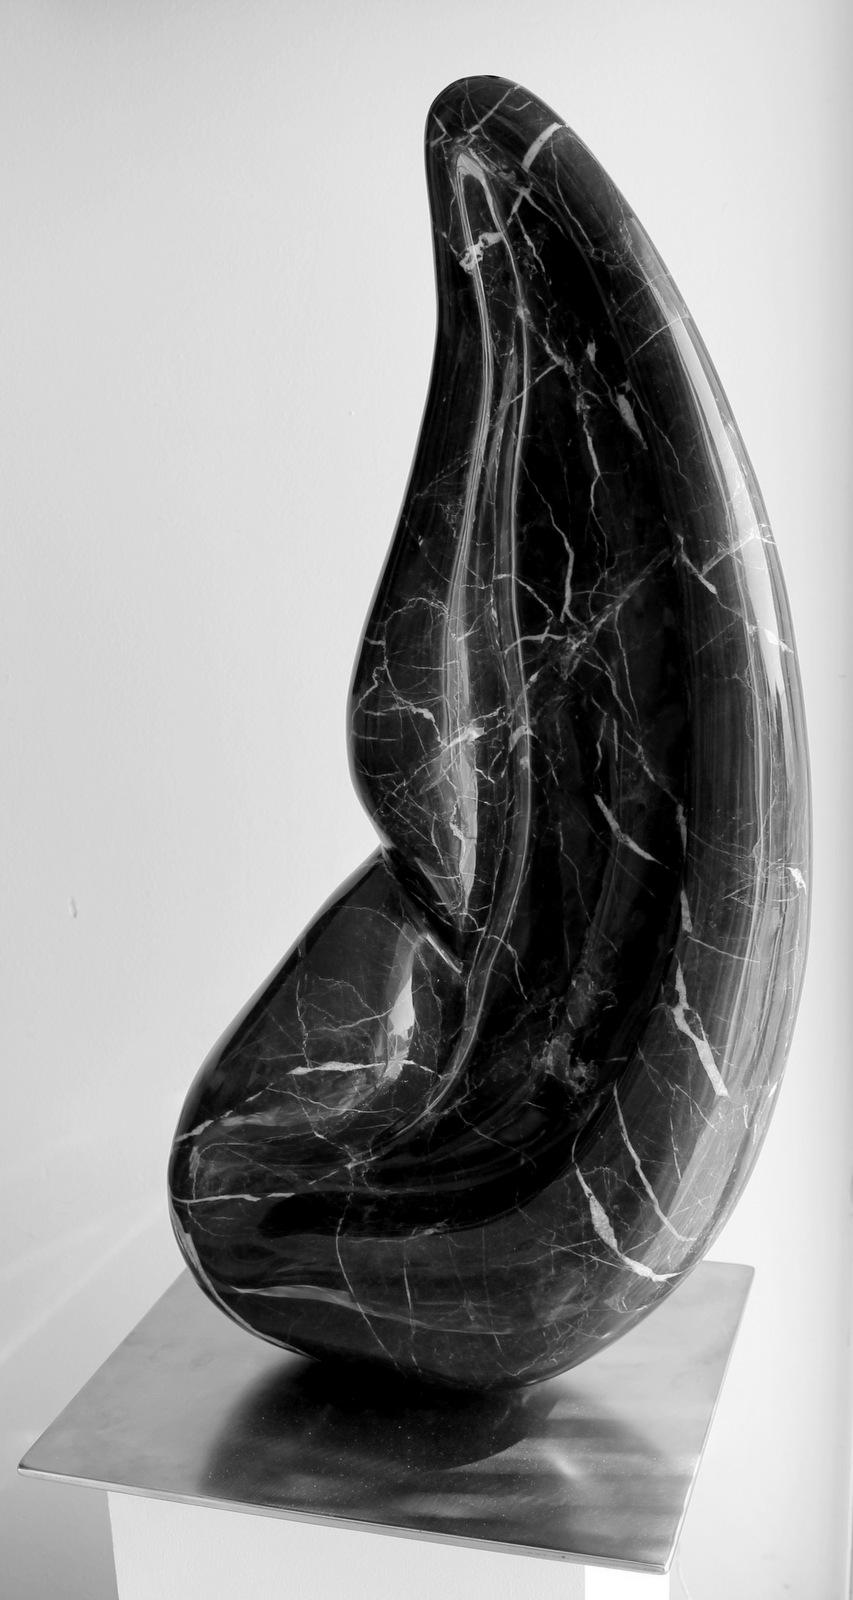 L'oreille - sculpture marbre noir de Saint-Laurent - 80 cm x 80 kg (Oeuvre privée)